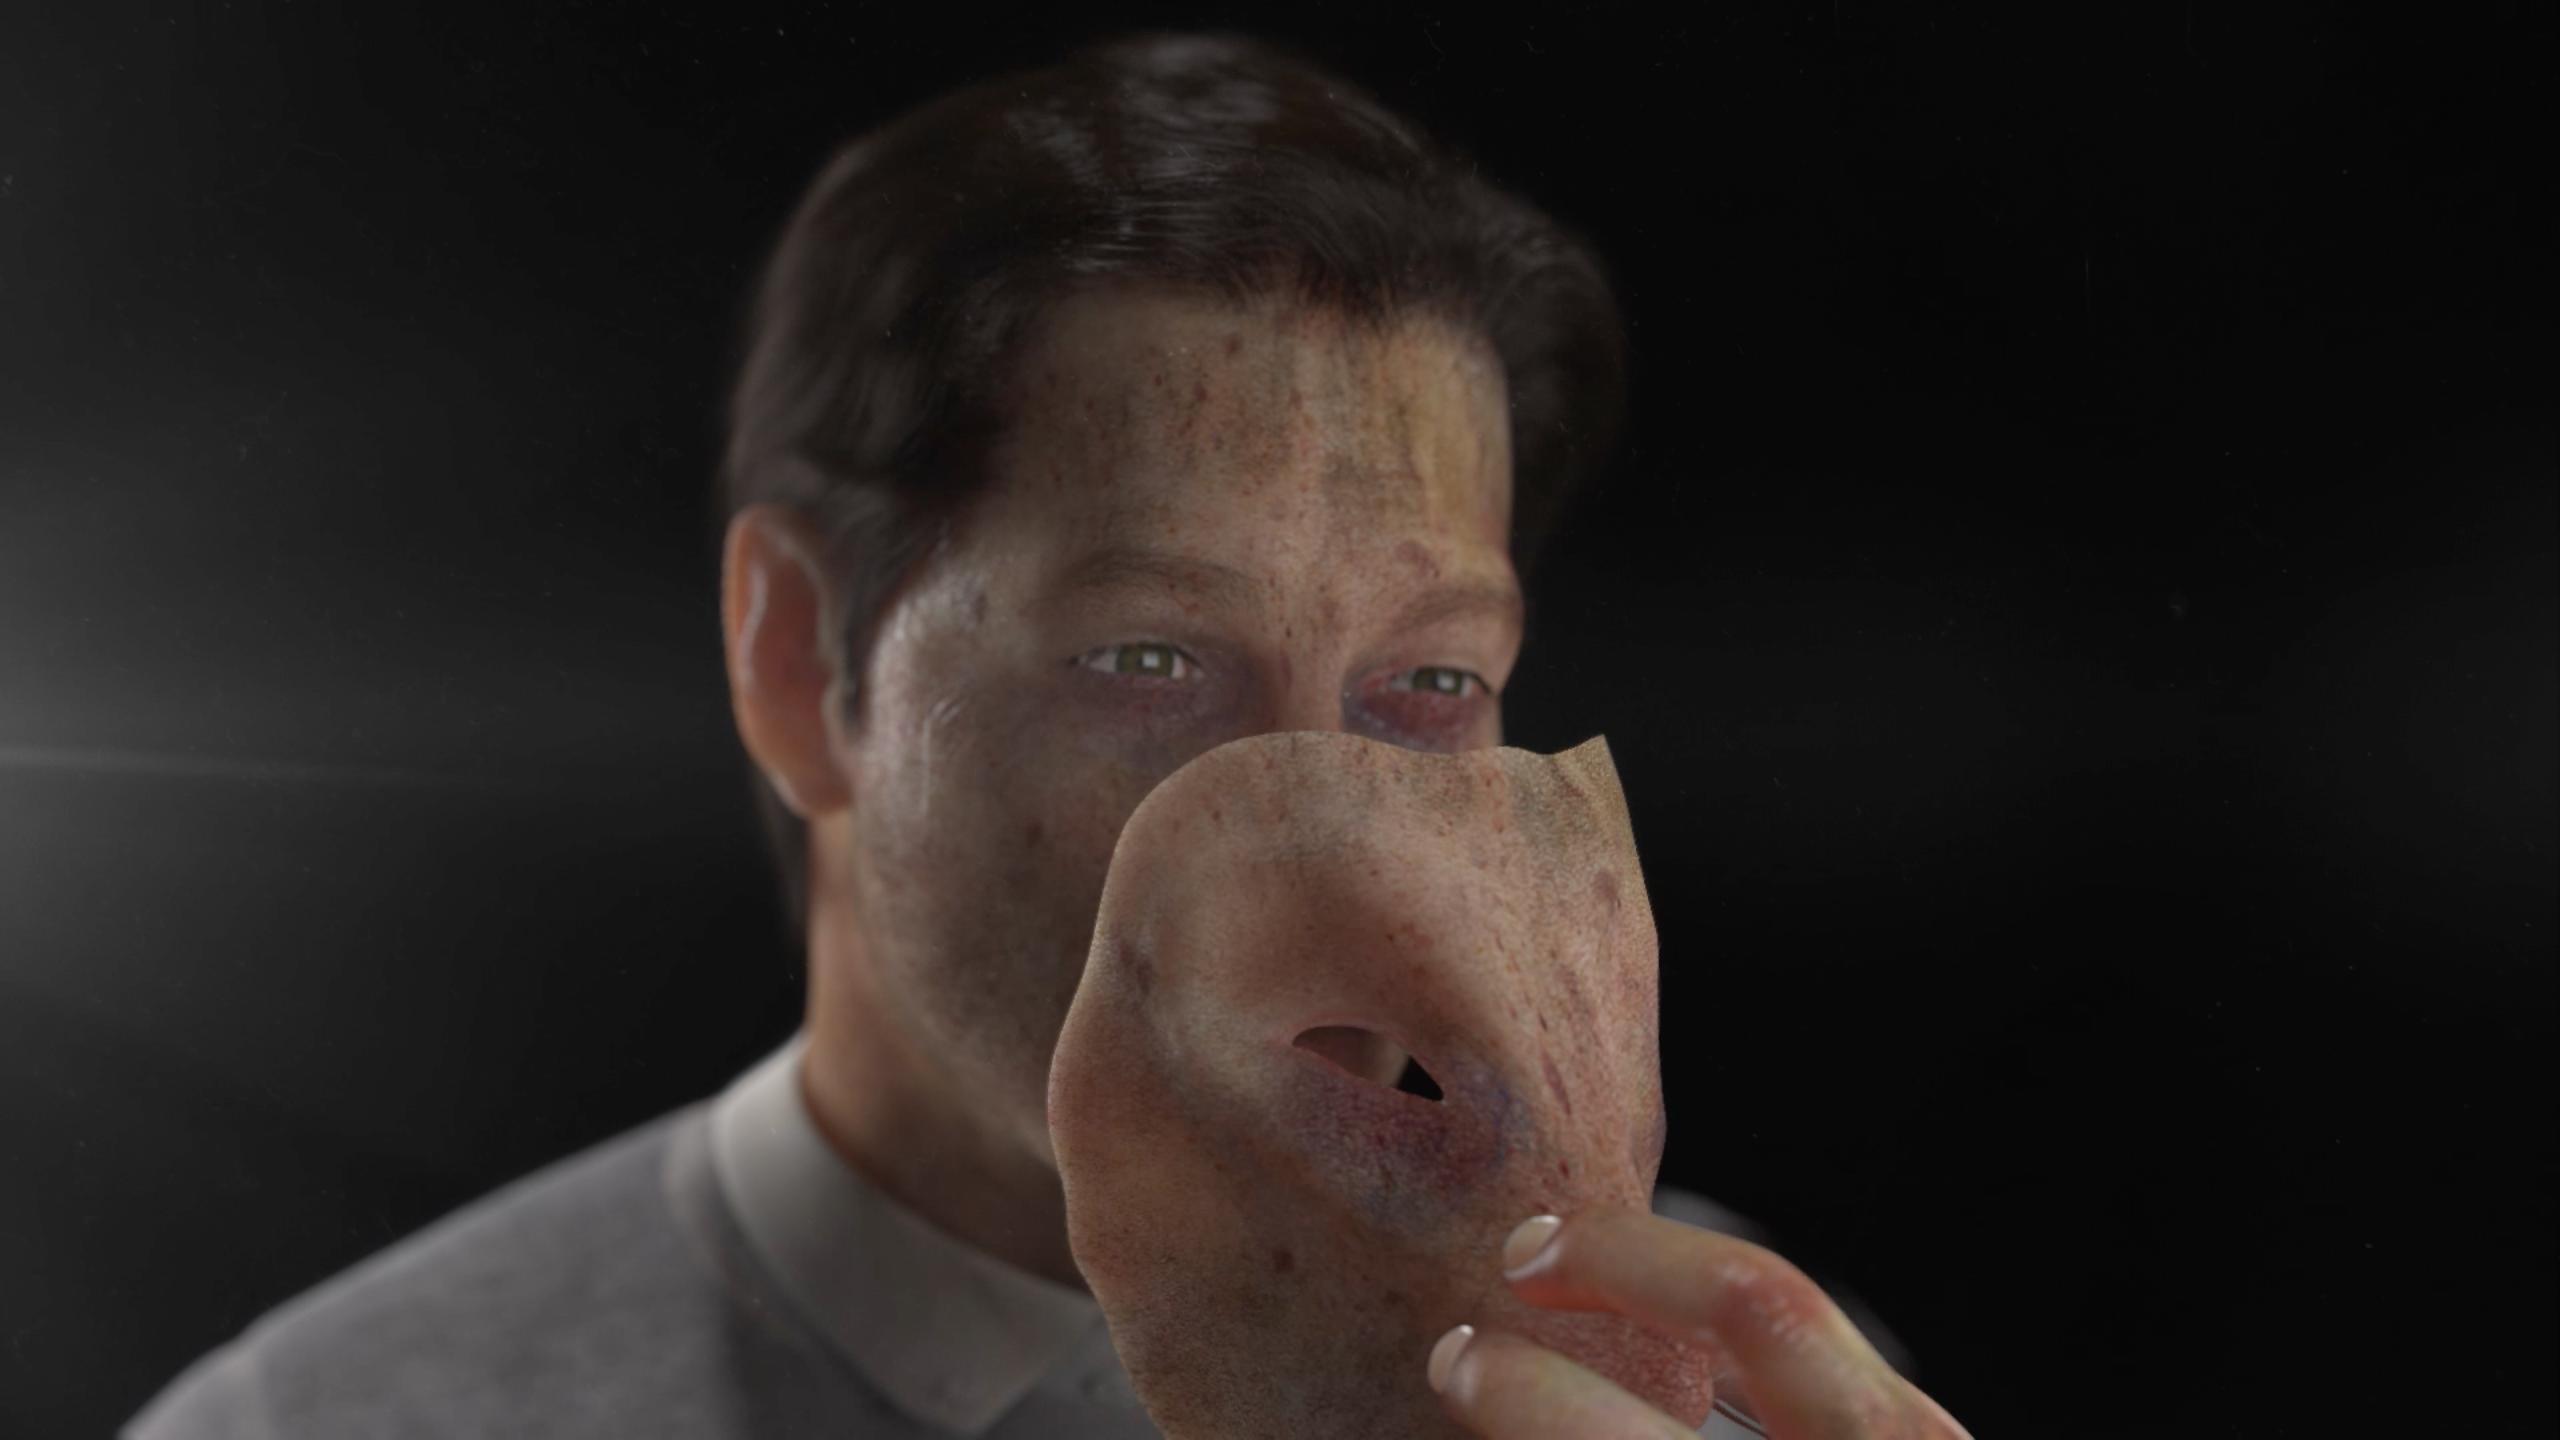 Ripetizione e digitalizzazione: comprendere la realtà attraverso l'arte di Ed Atkins